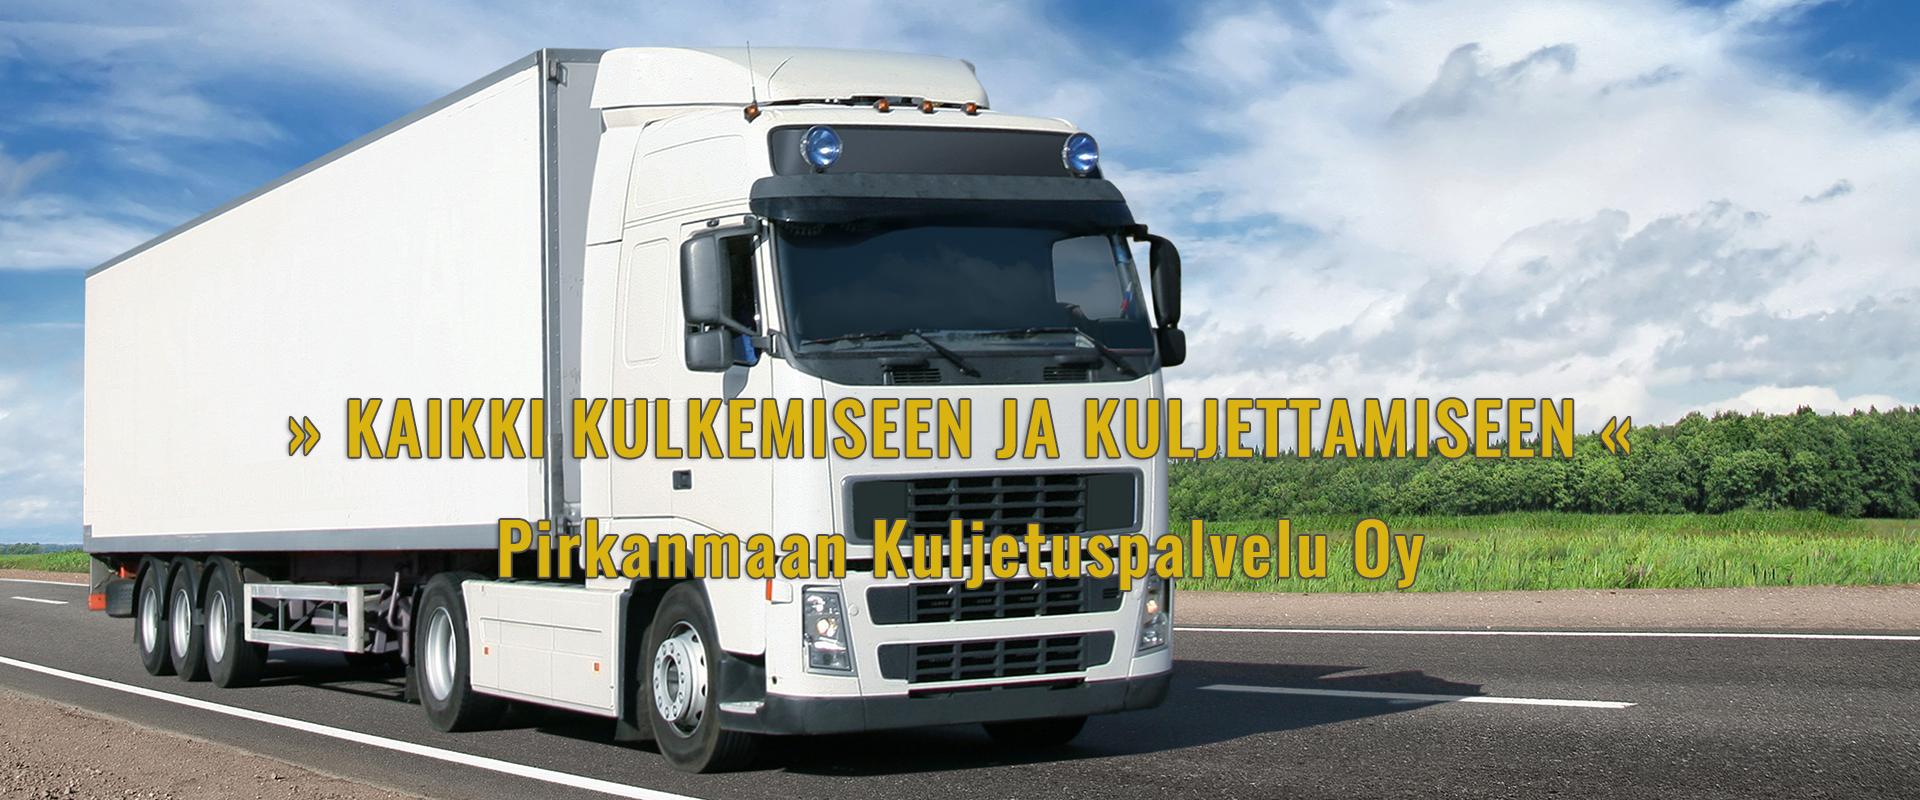 Tavarakuljetukset ja tilausajot Tampereen seudulta - Pirkanmaan Kuljetuspalvelu Oy